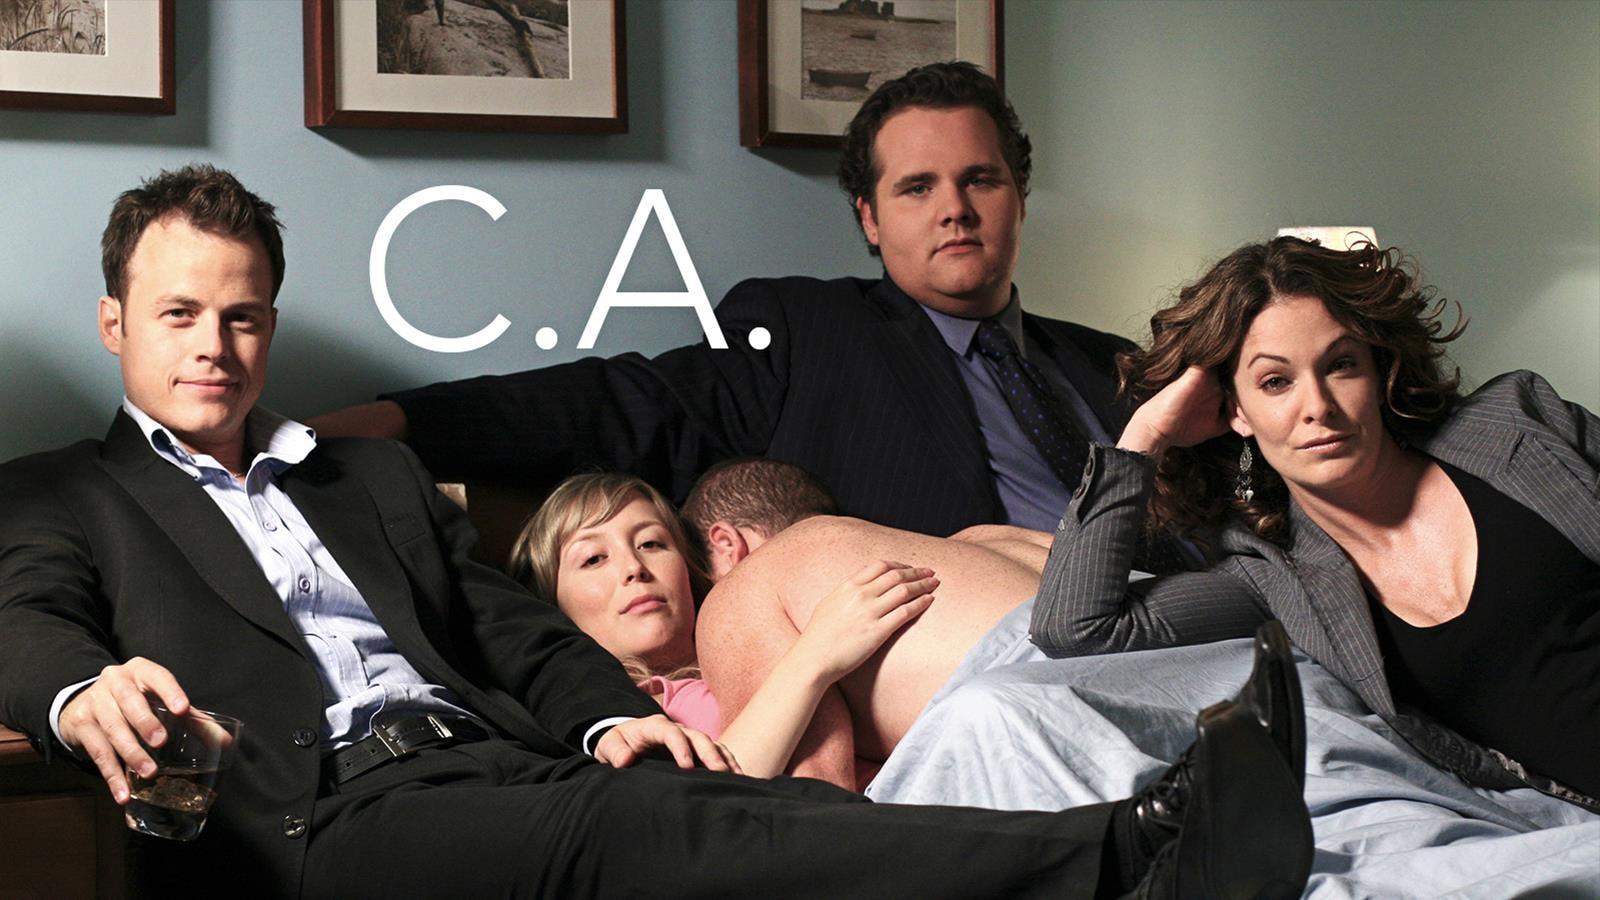 Une personne est nue, sur une autre alors que trois autres personnes habillées, sont assis sur le lit.